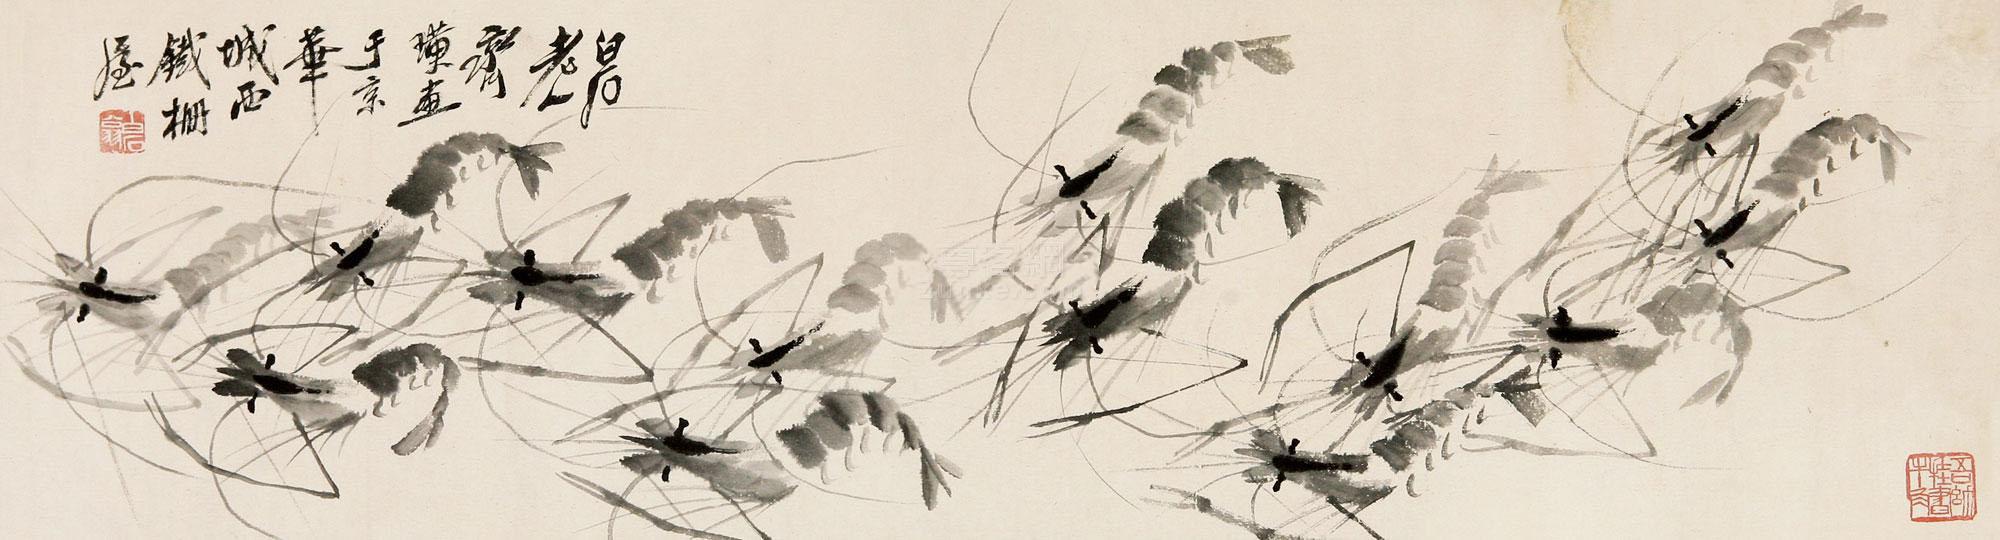 齐白石 群虾 横批 纸本作品欣赏